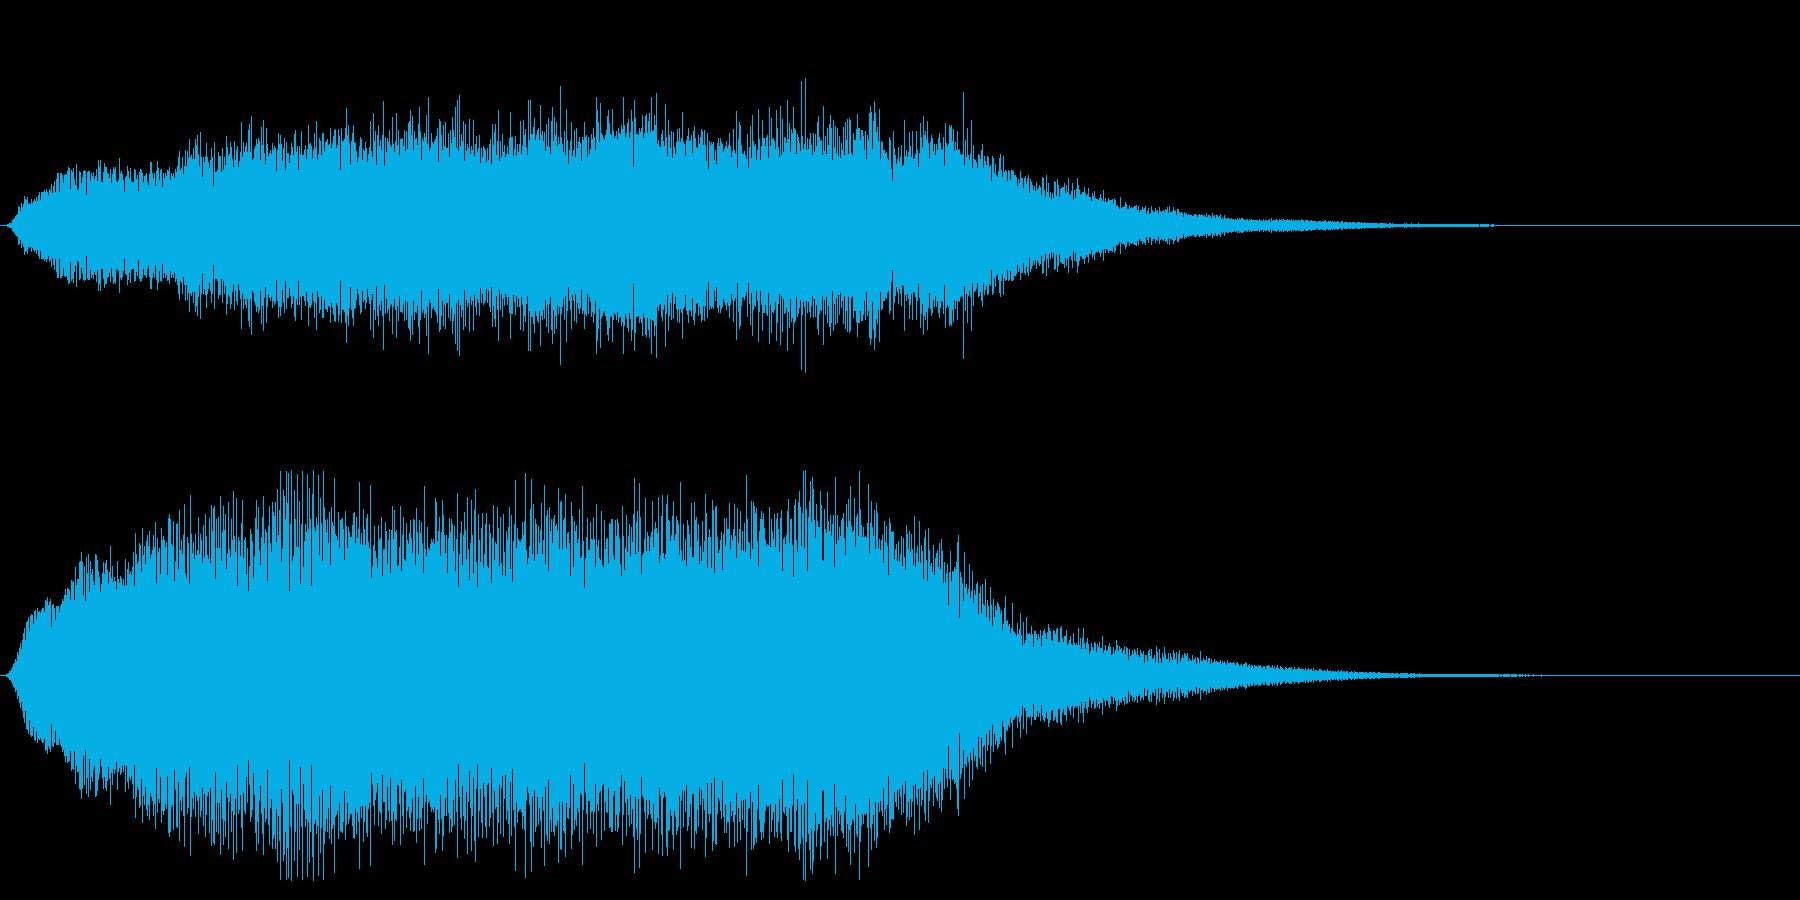 ホラー系効果音_パイプオルガンの再生済みの波形